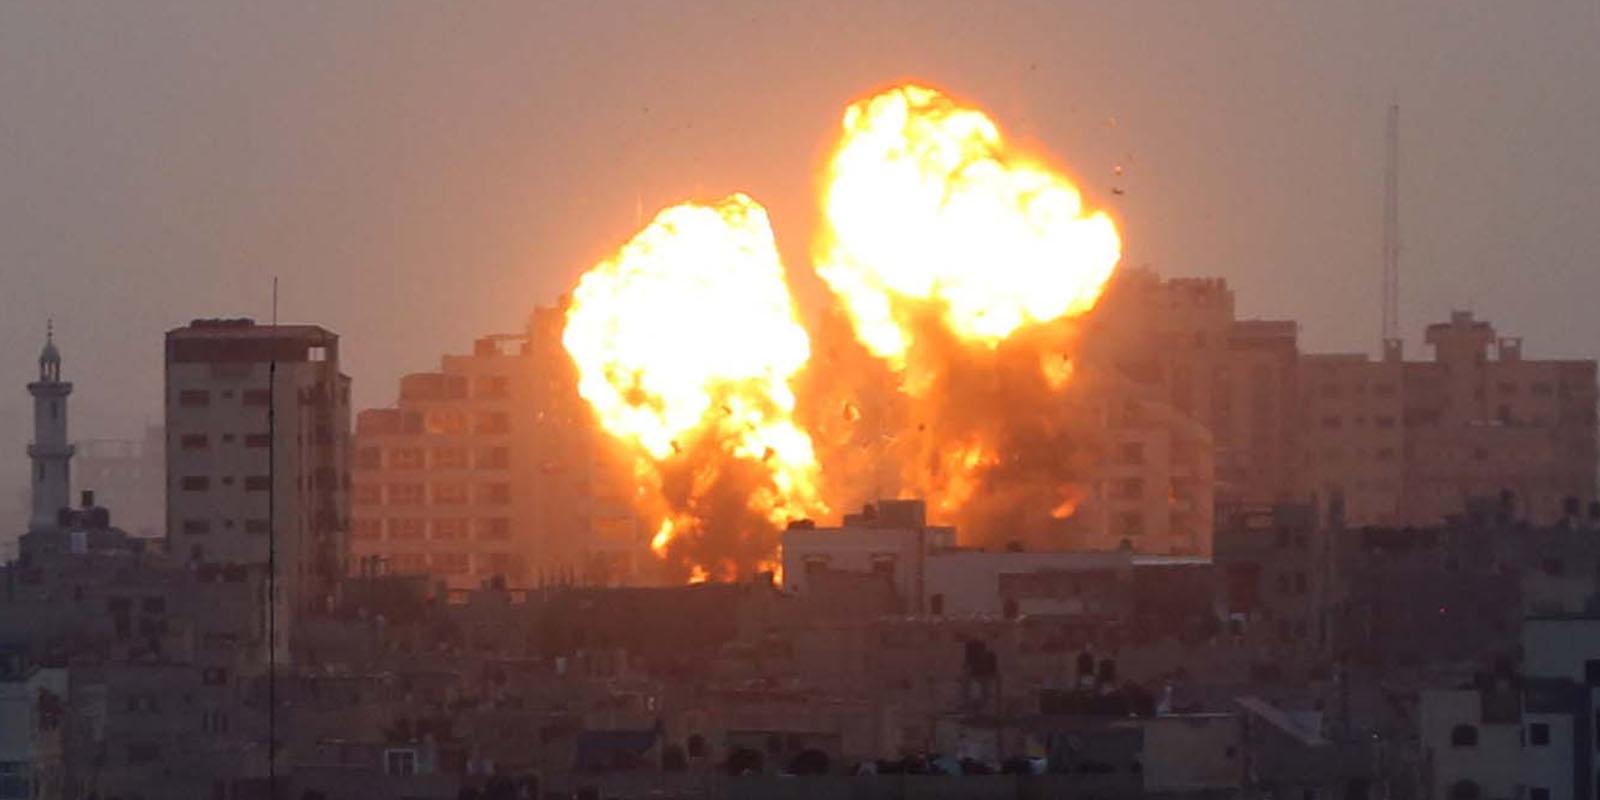 İsrail Savunma Bakanı Gantz'dan skandal açıklama: Gazze'ye yönelik saldırıları sürdüreceğiz!